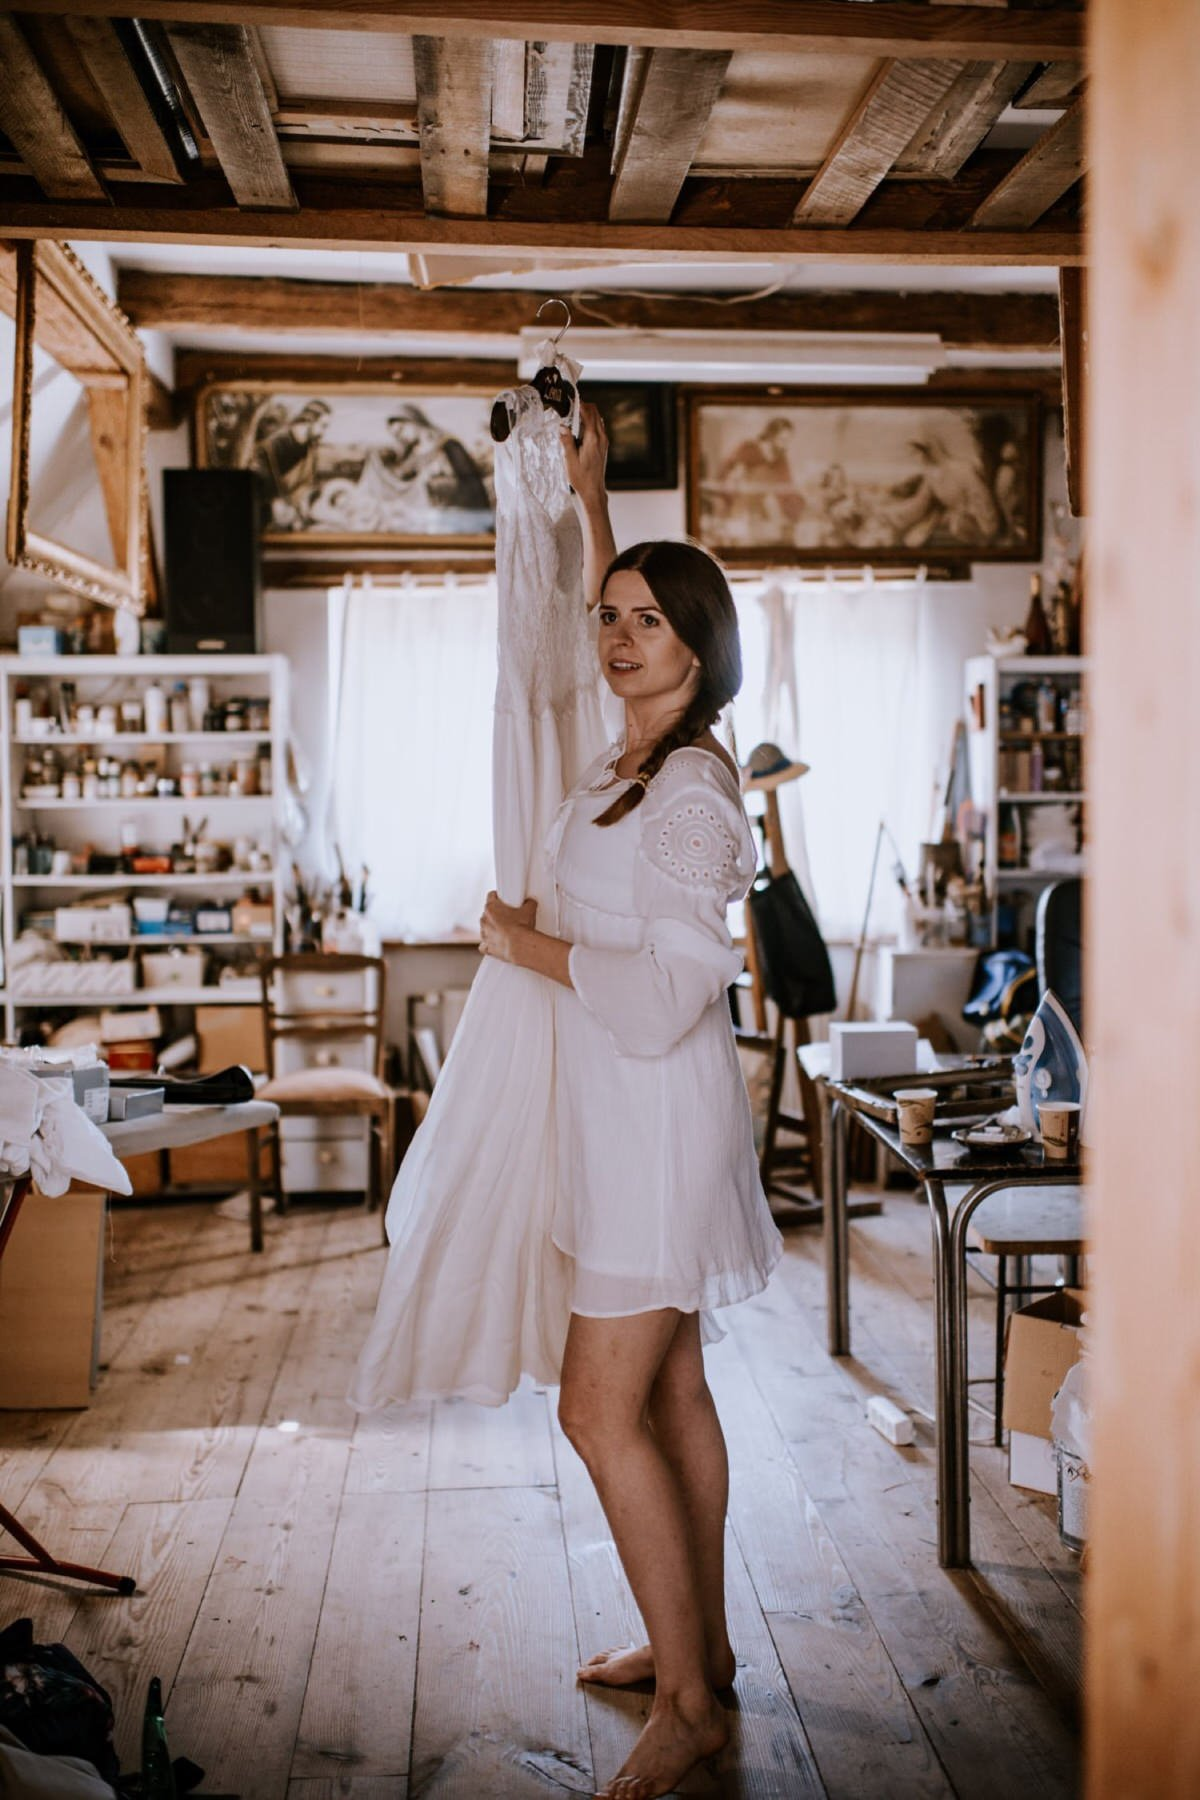 boho rockowy ślub w Stodole u Babci Magdy, najlepszy fotograf ślubny Poznań, suknia Anna Kara, ogórkiem do ślubu, Ceglarnia, panna młoda